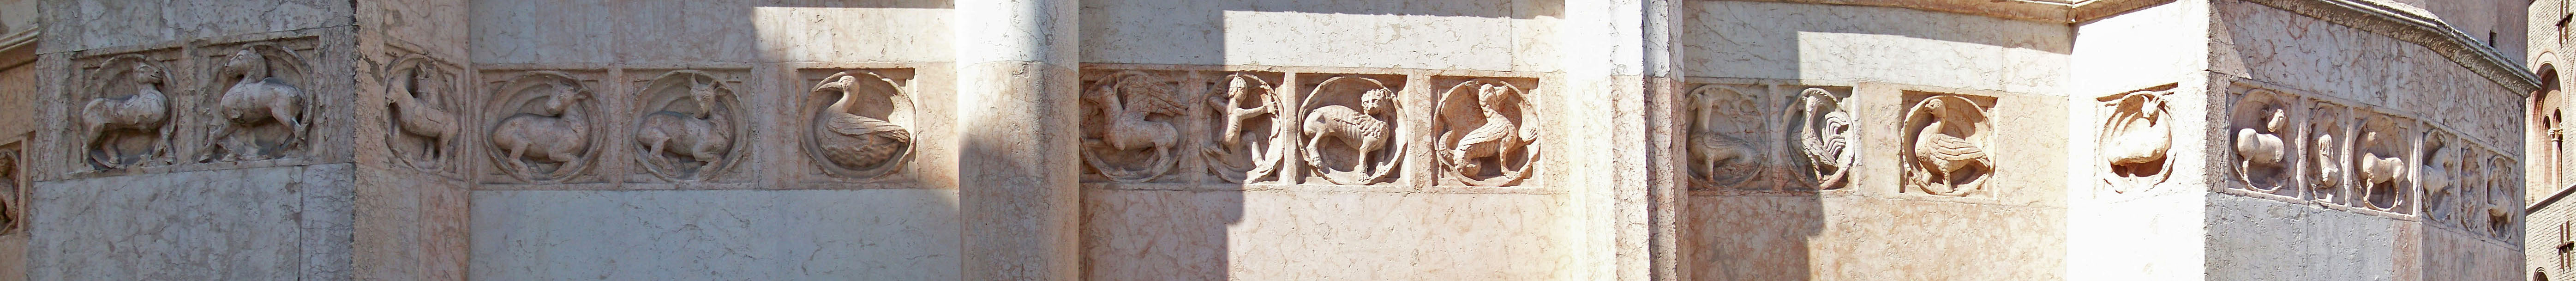 Le formelle del lato nord-ovest (dal dromedario all'unicorno)